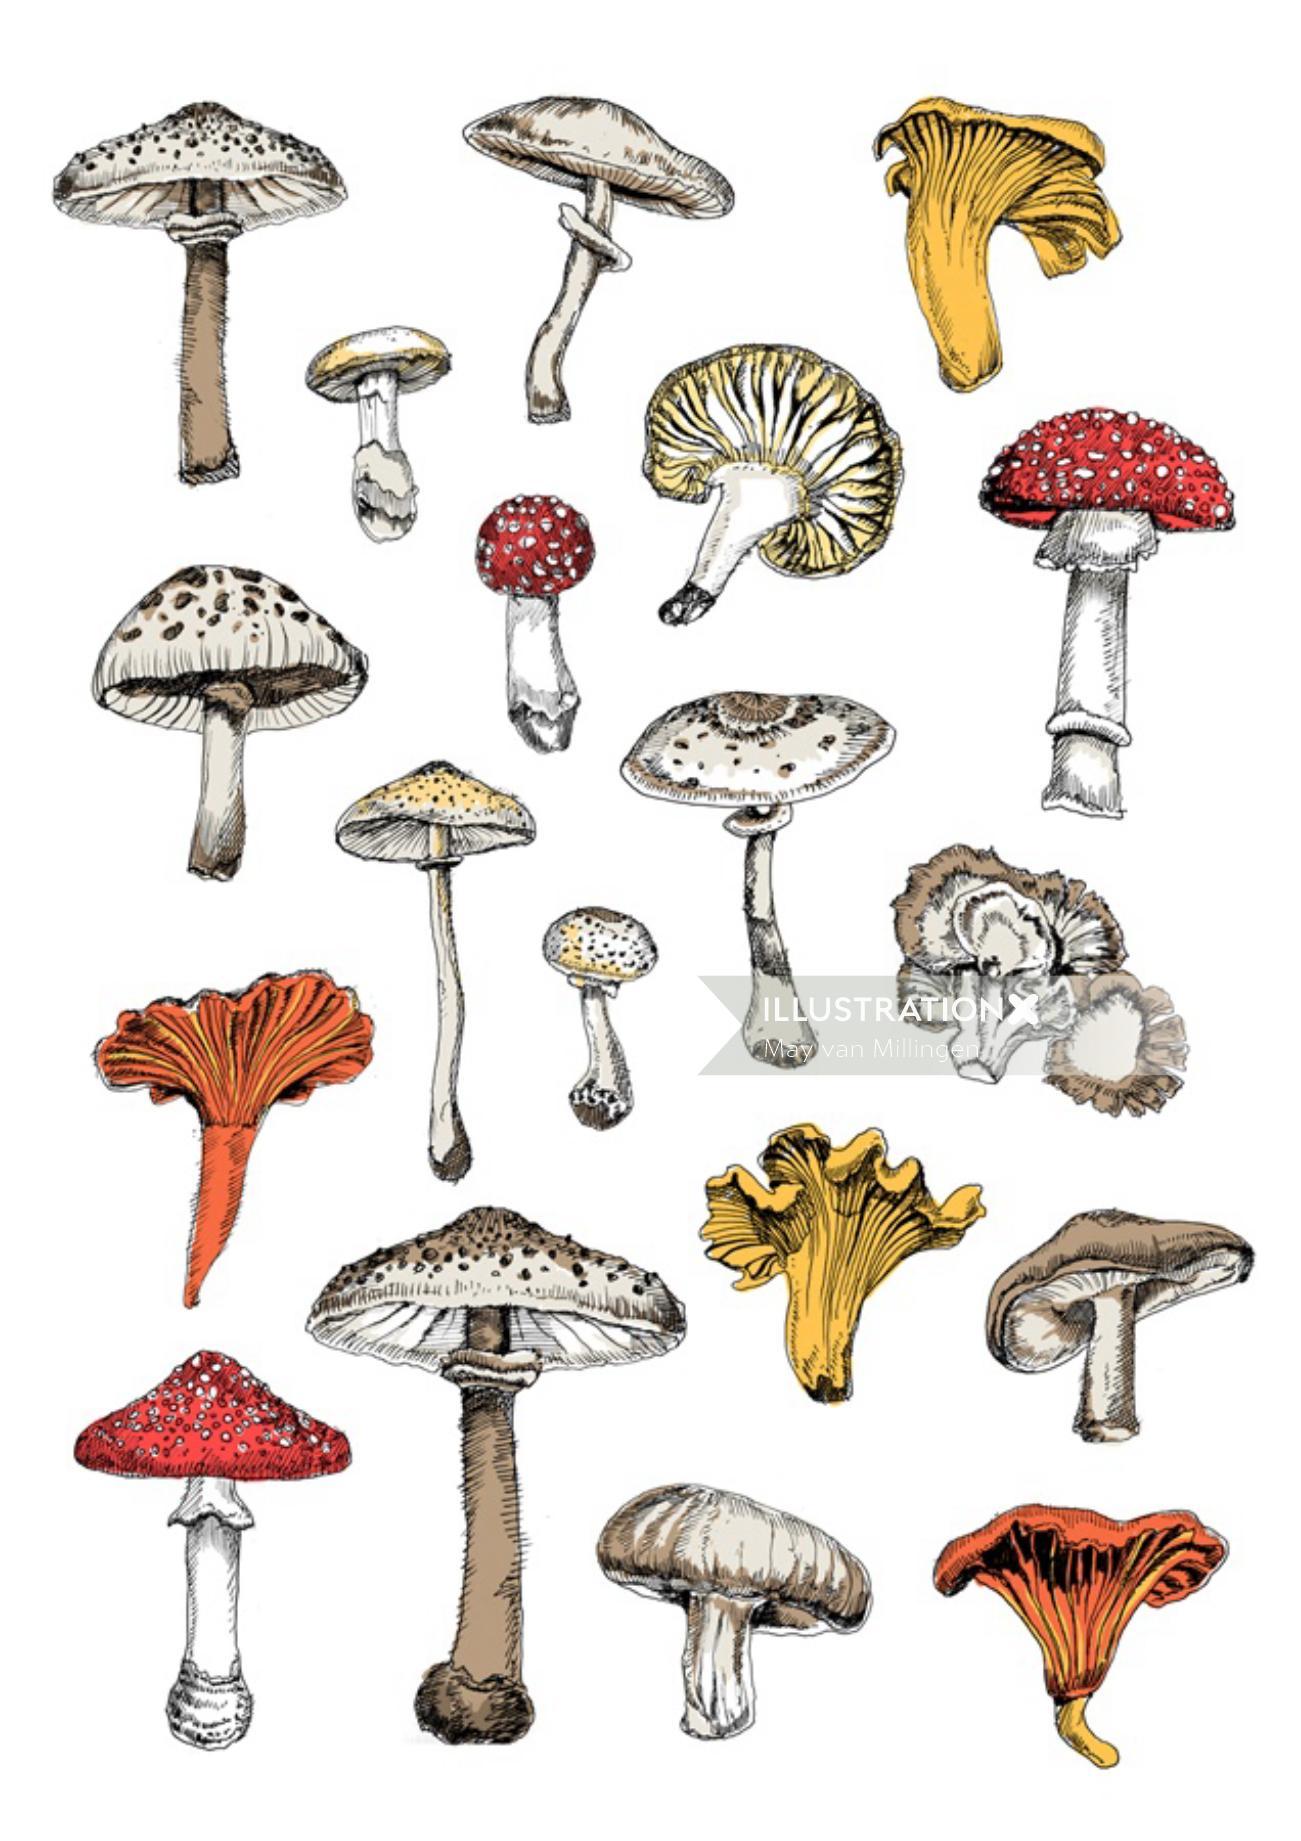 Types of mushrooms - Illustration by May van Millingen